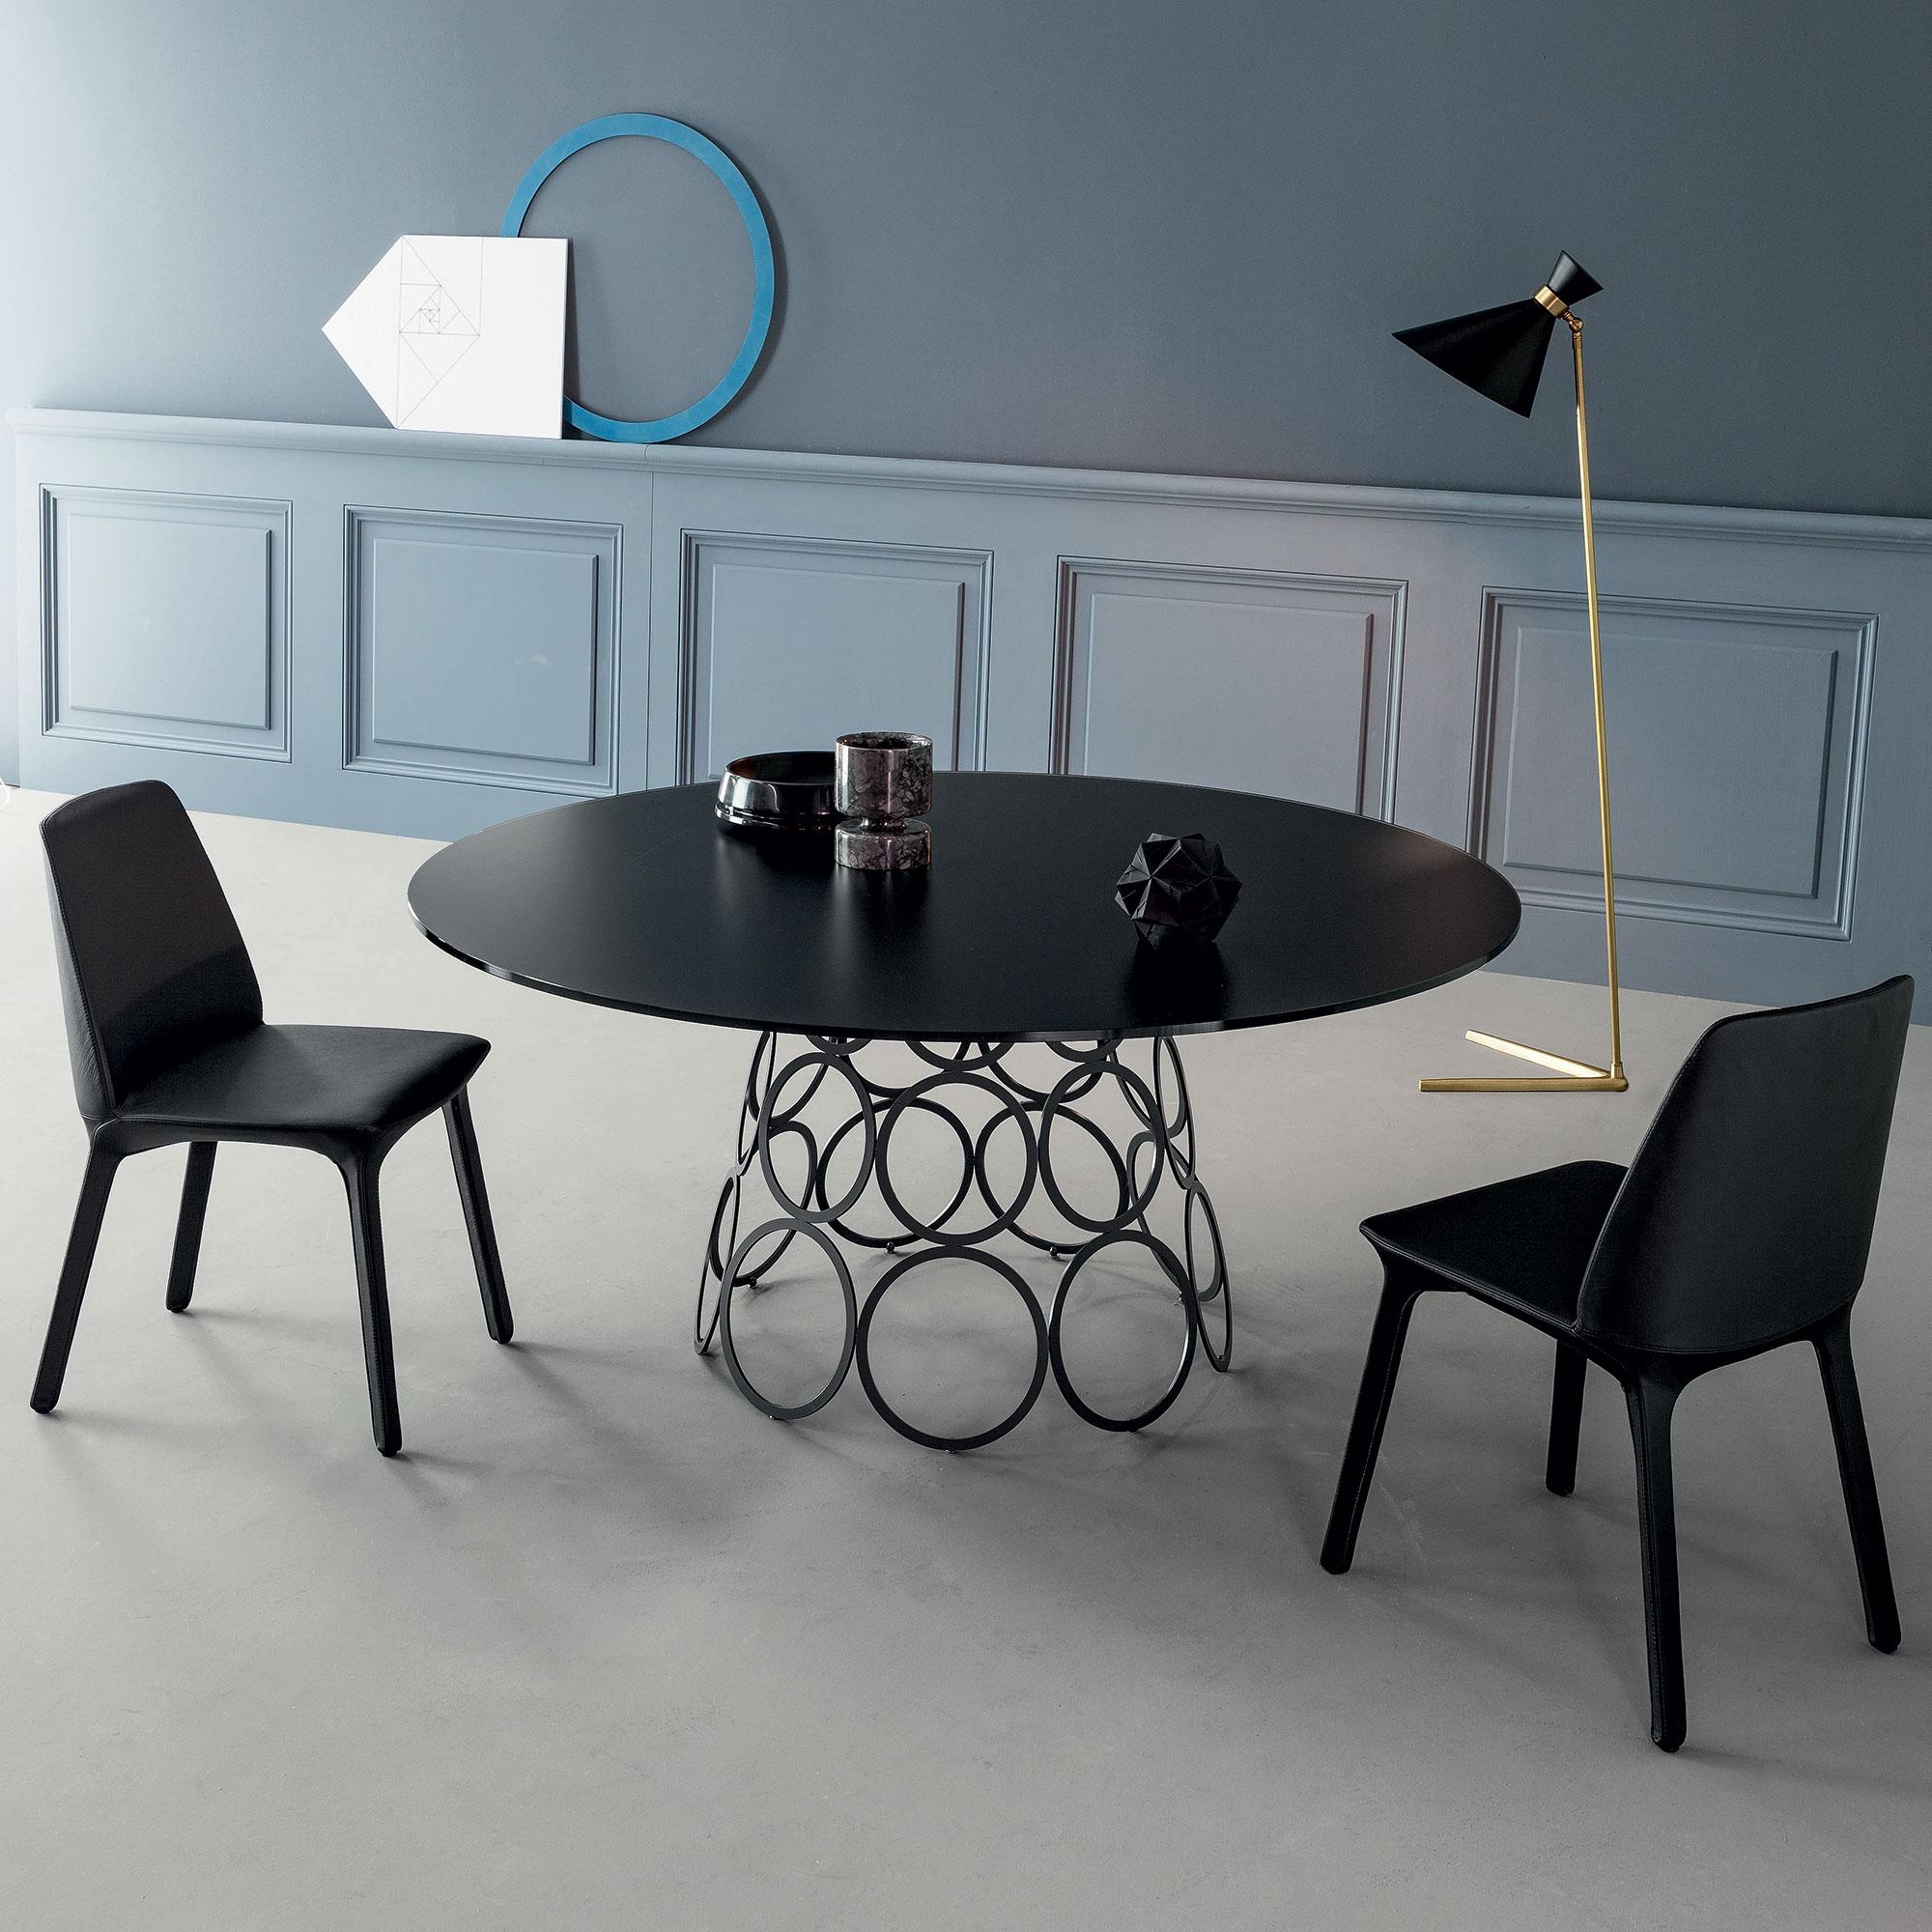 hulahoop rund glaskeramik schwarz tisch von bonaldo m bel b r ag. Black Bedroom Furniture Sets. Home Design Ideas